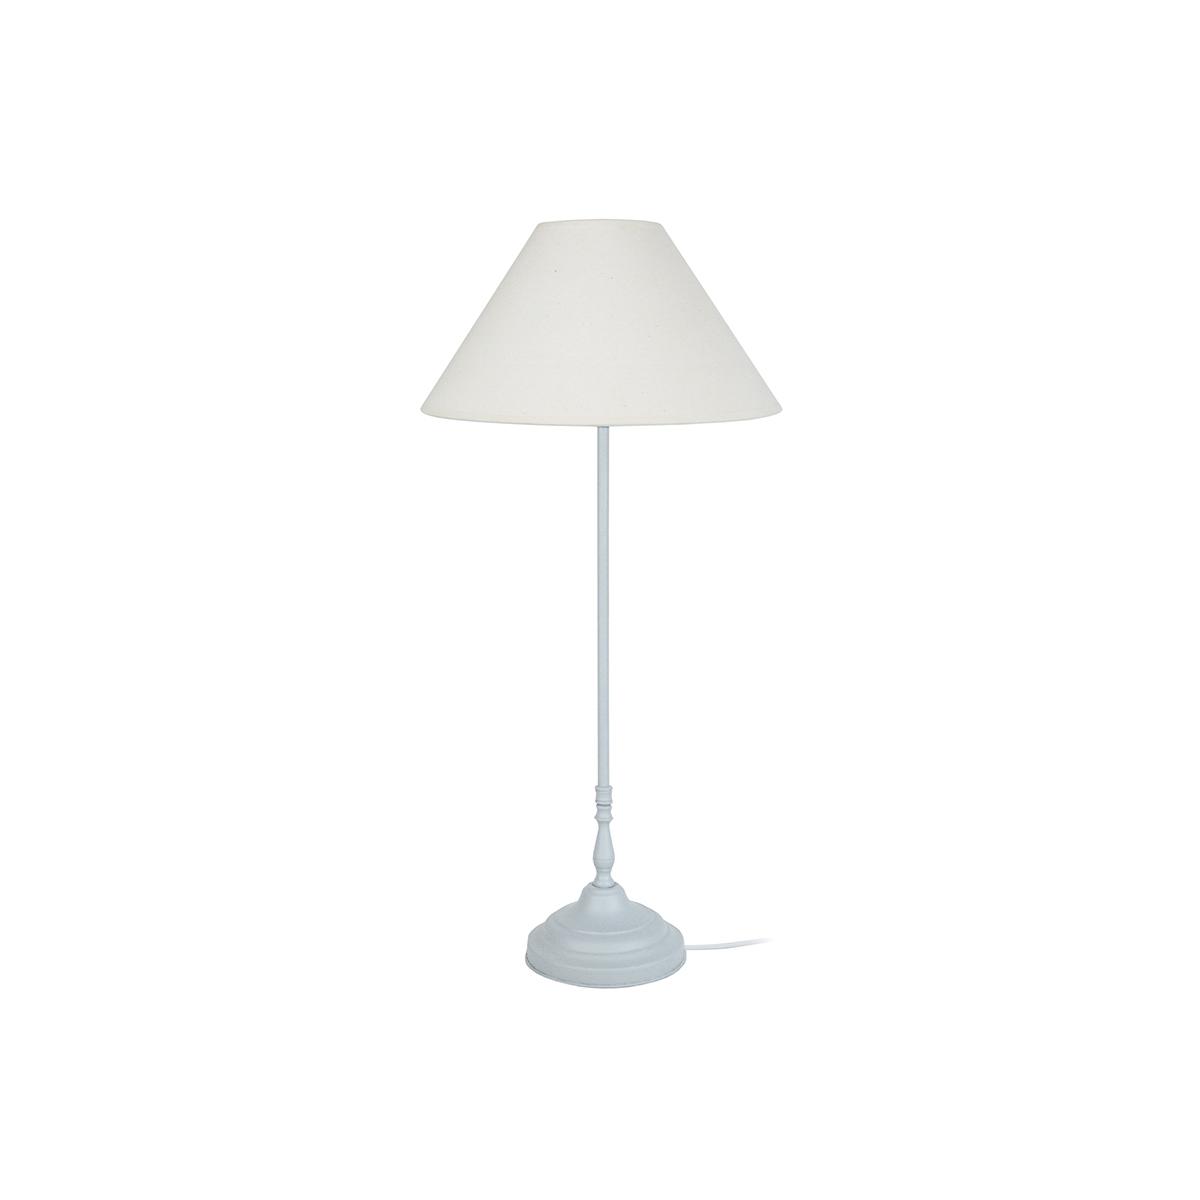 Lampada da tavolo design in acciaio Bianco con cerussa HOLIDAYS